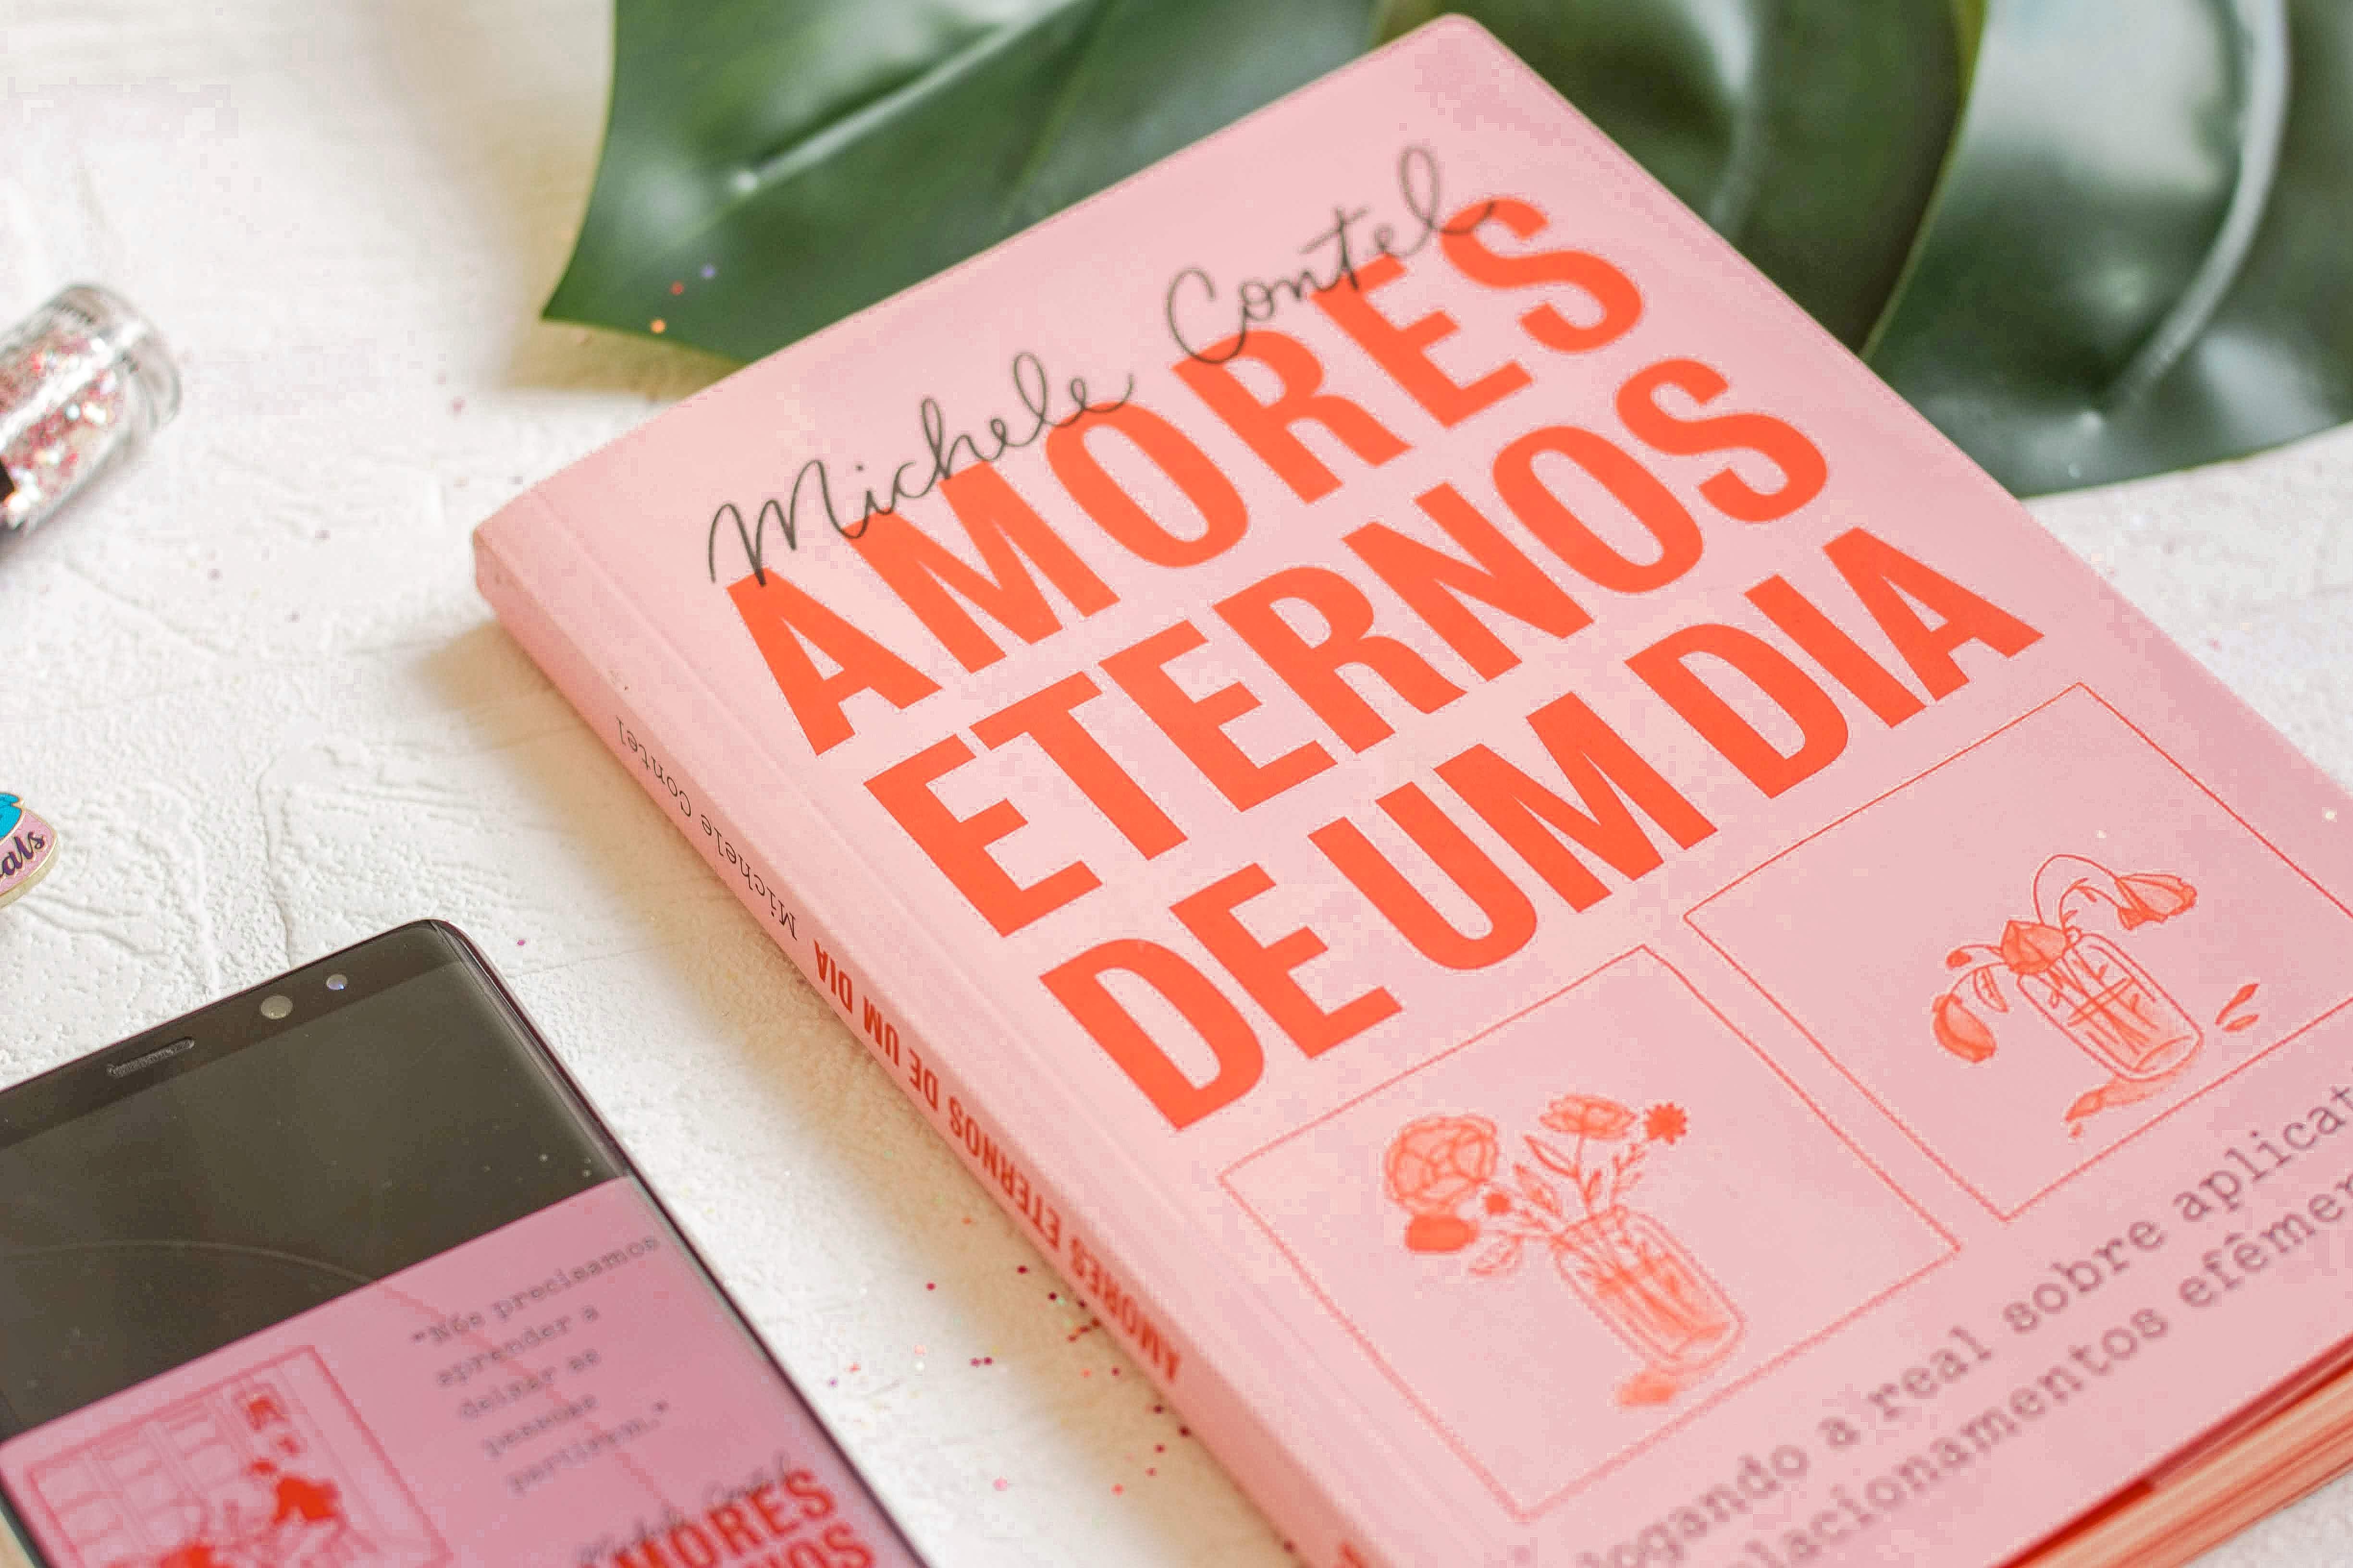 Amores eternos de um dia - livro - Michele Contel - Caos Arrumado